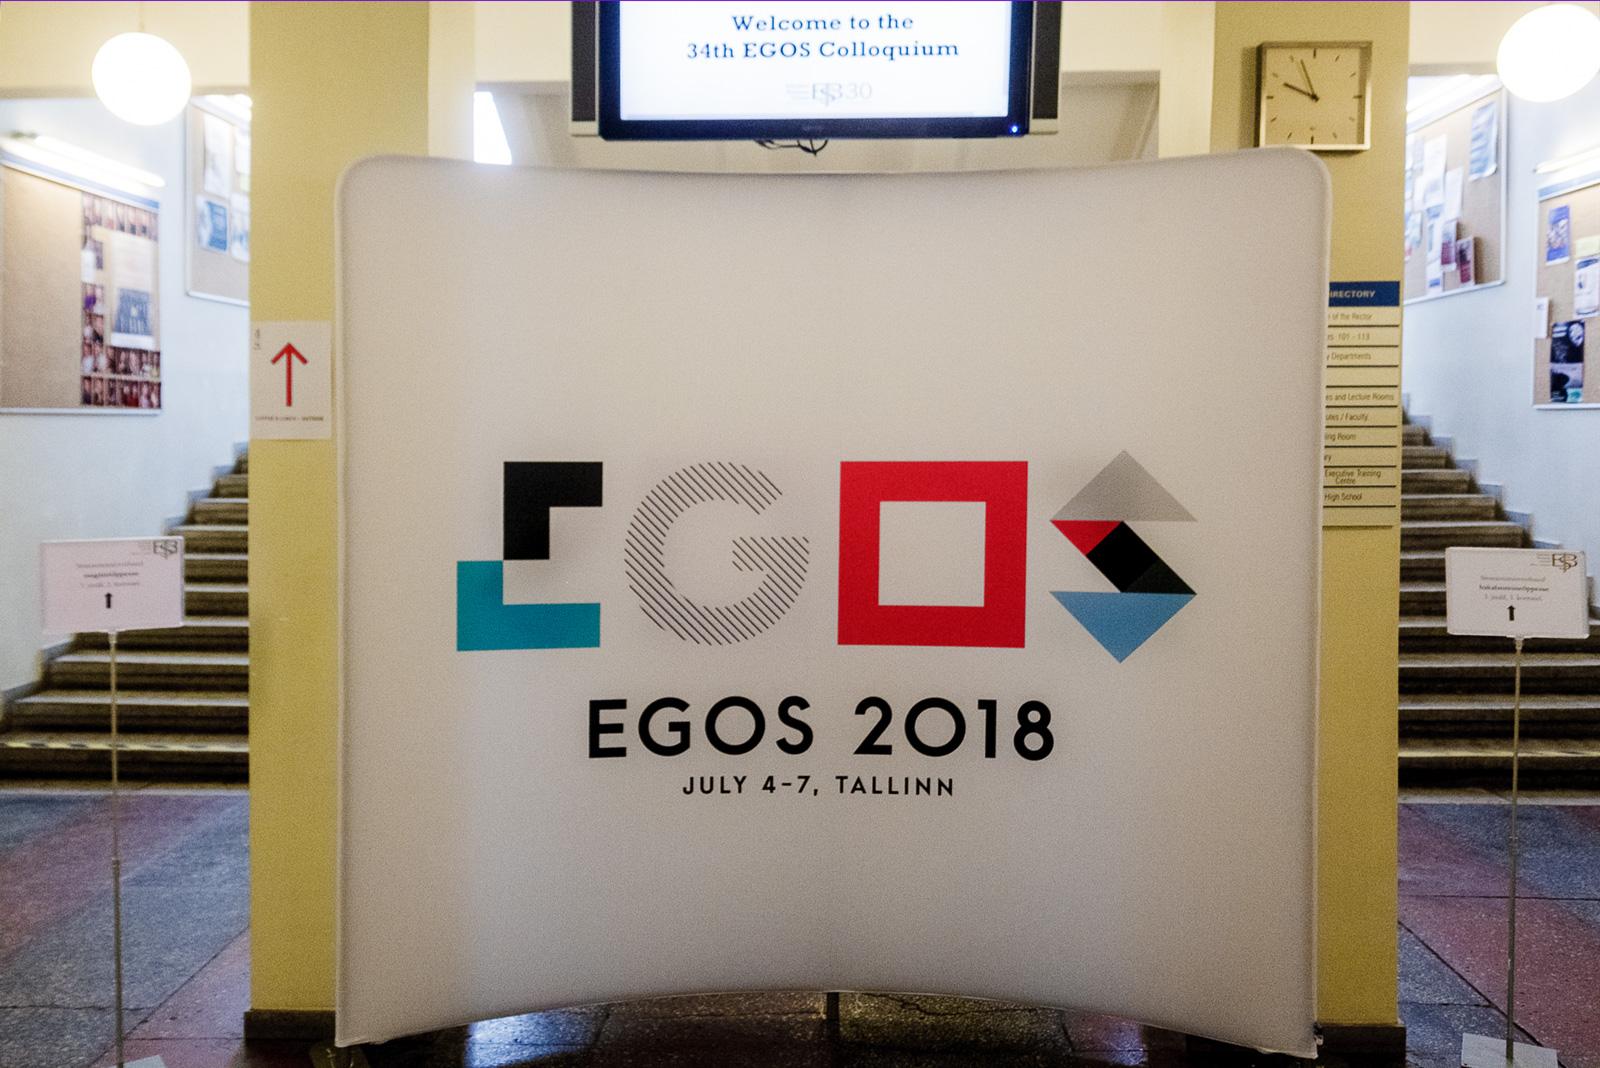 Научная конференция EGOS – открыта!